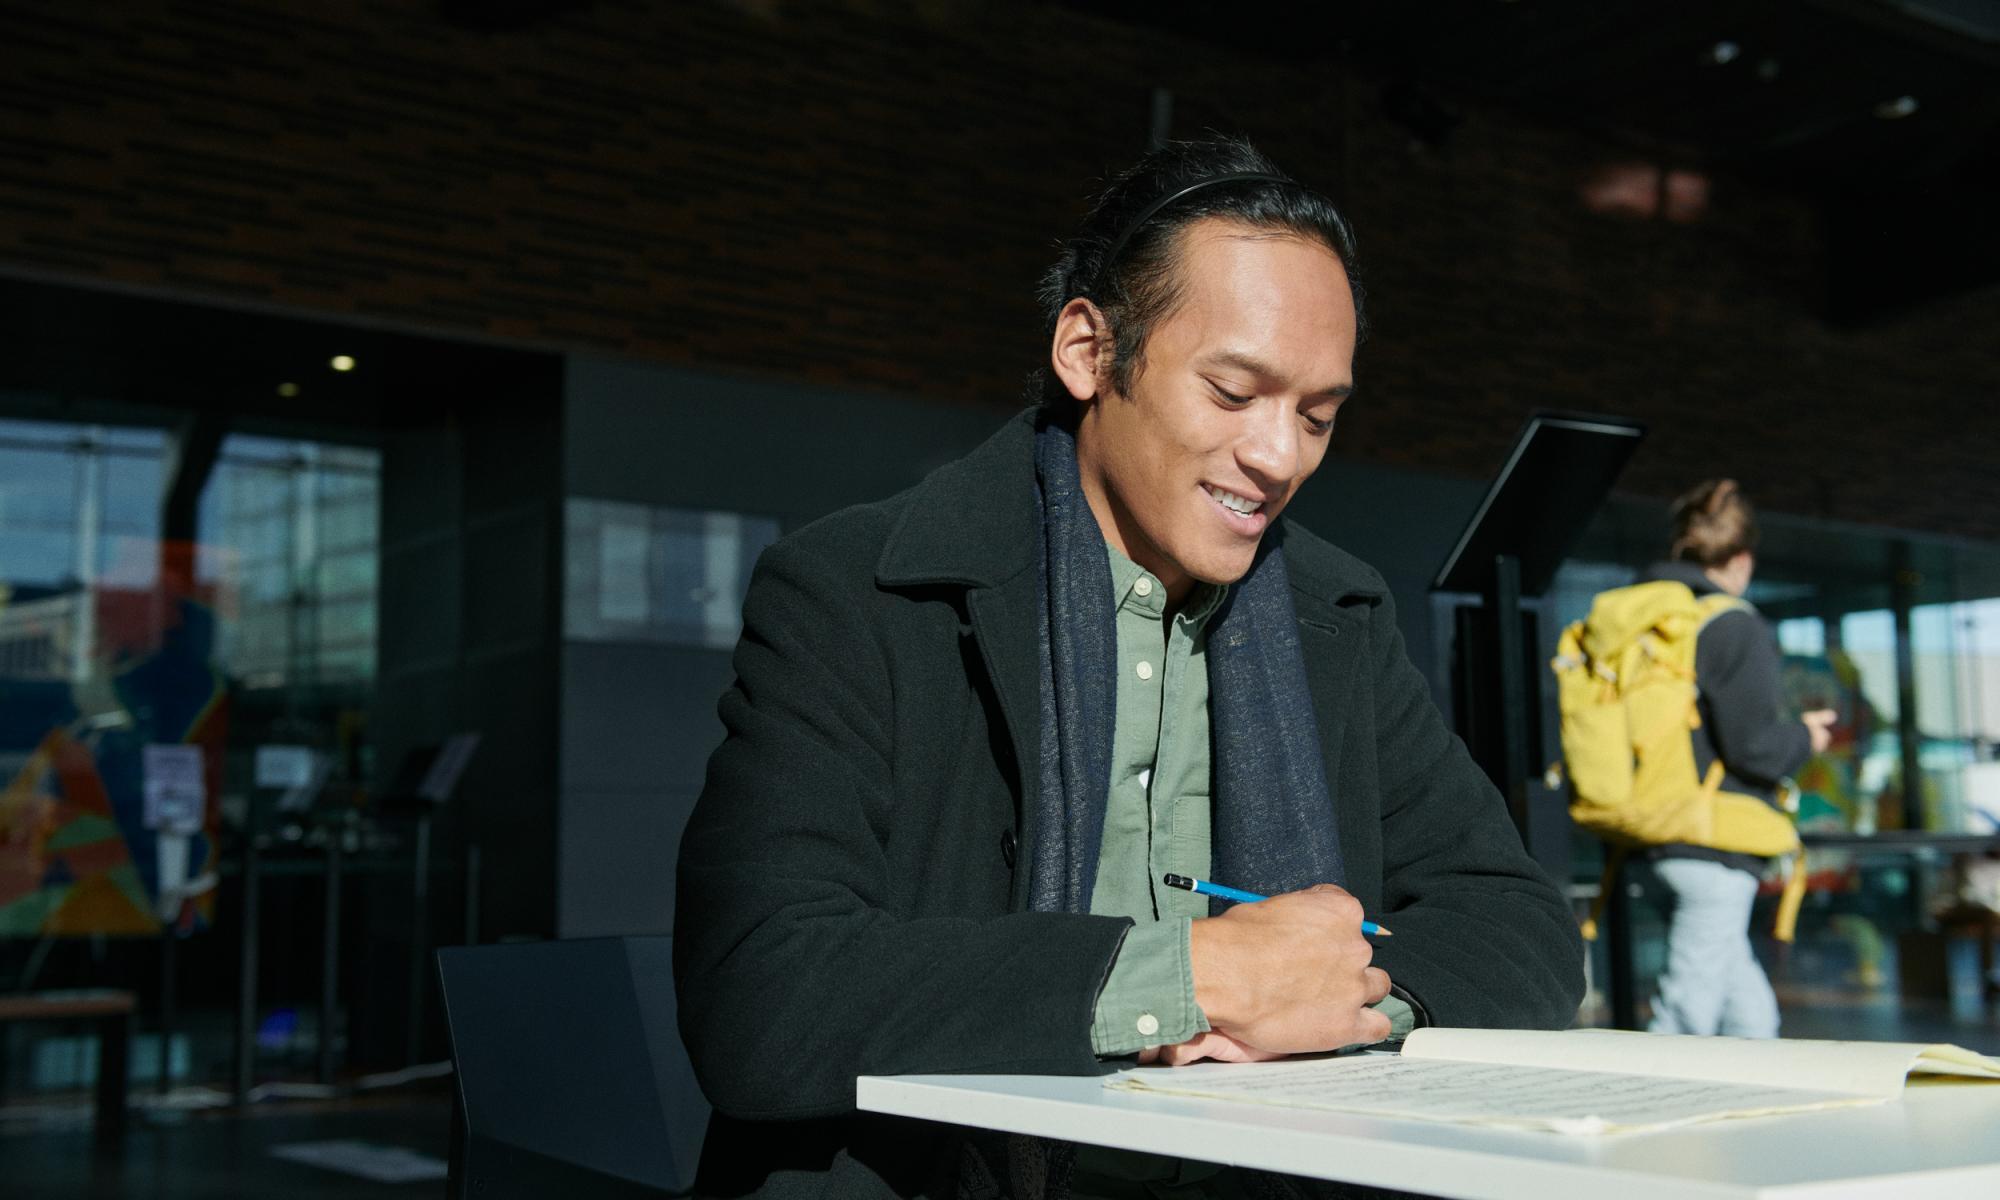 mies kirjoittaa pöydän ääressä